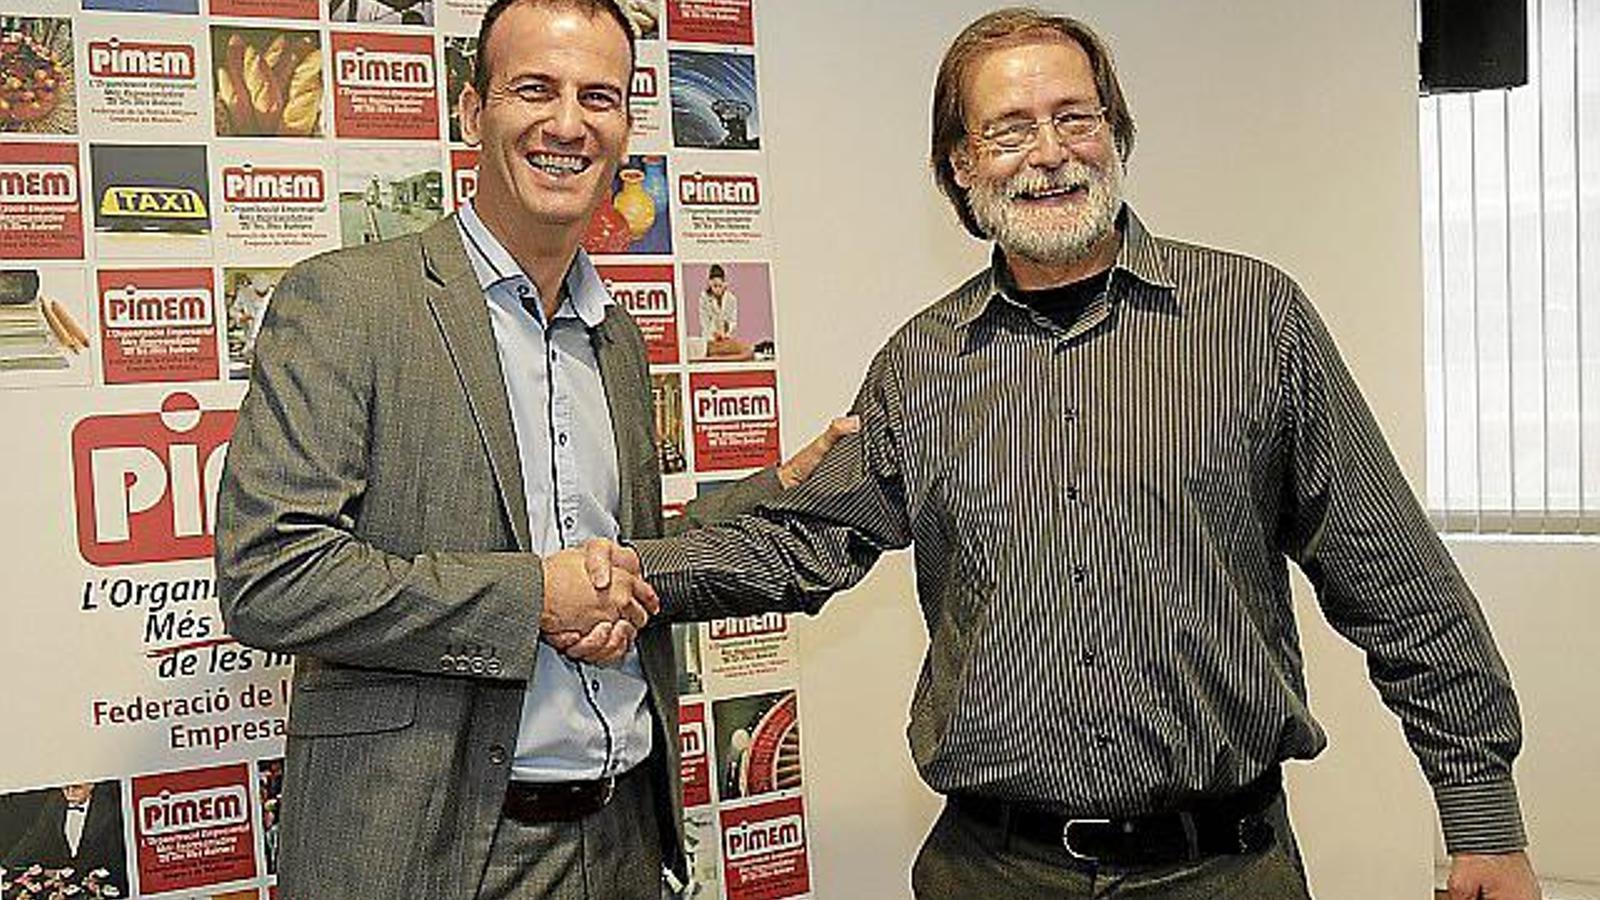 L'actual president de Pimem, Jordi Mora, amb Antoni Mas Romaguera